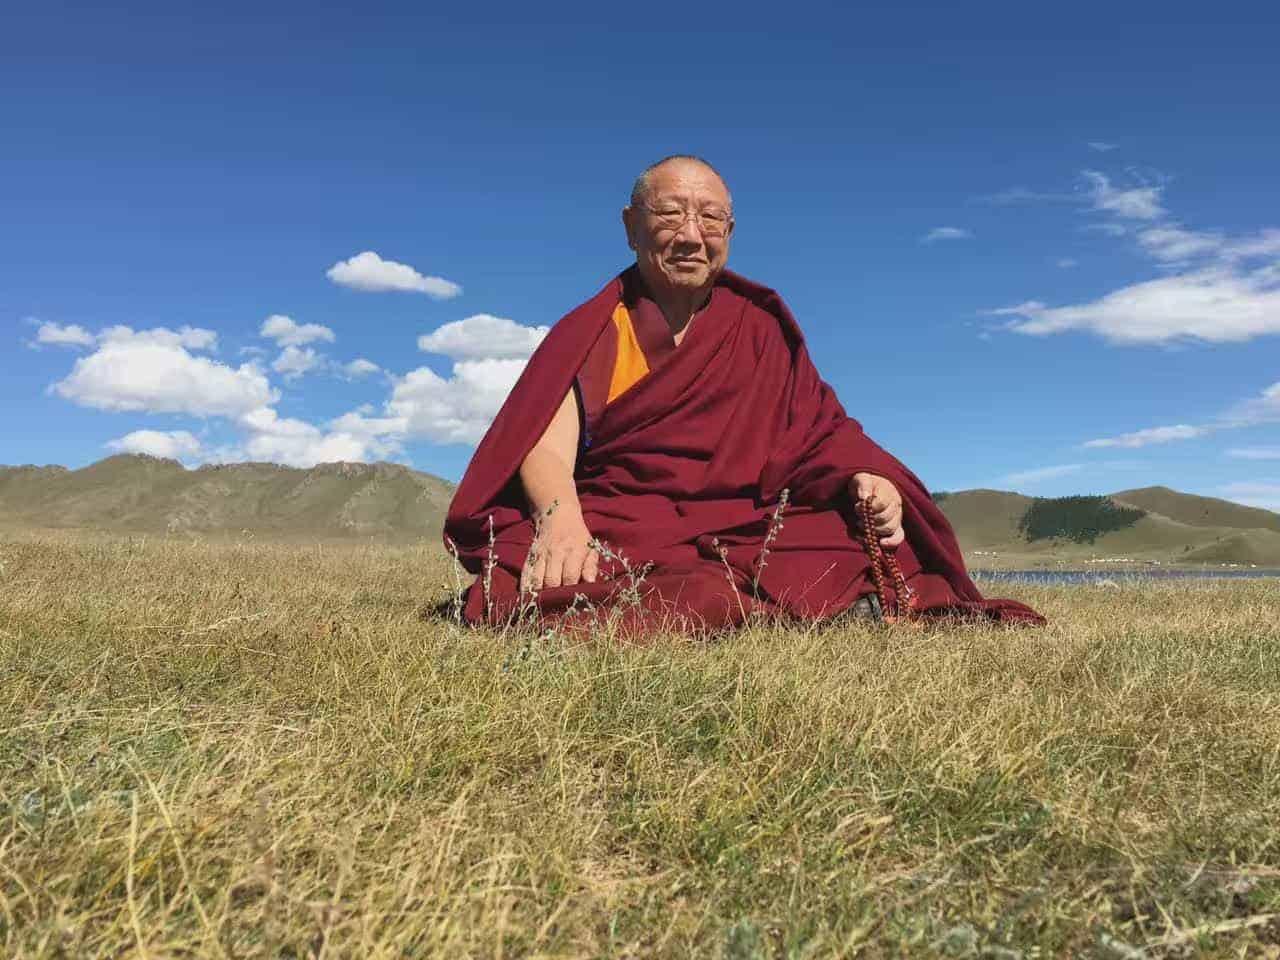 gosok-rinpoche-mongolia-2016-1d58de69aae47e4c930fd11796af9b2